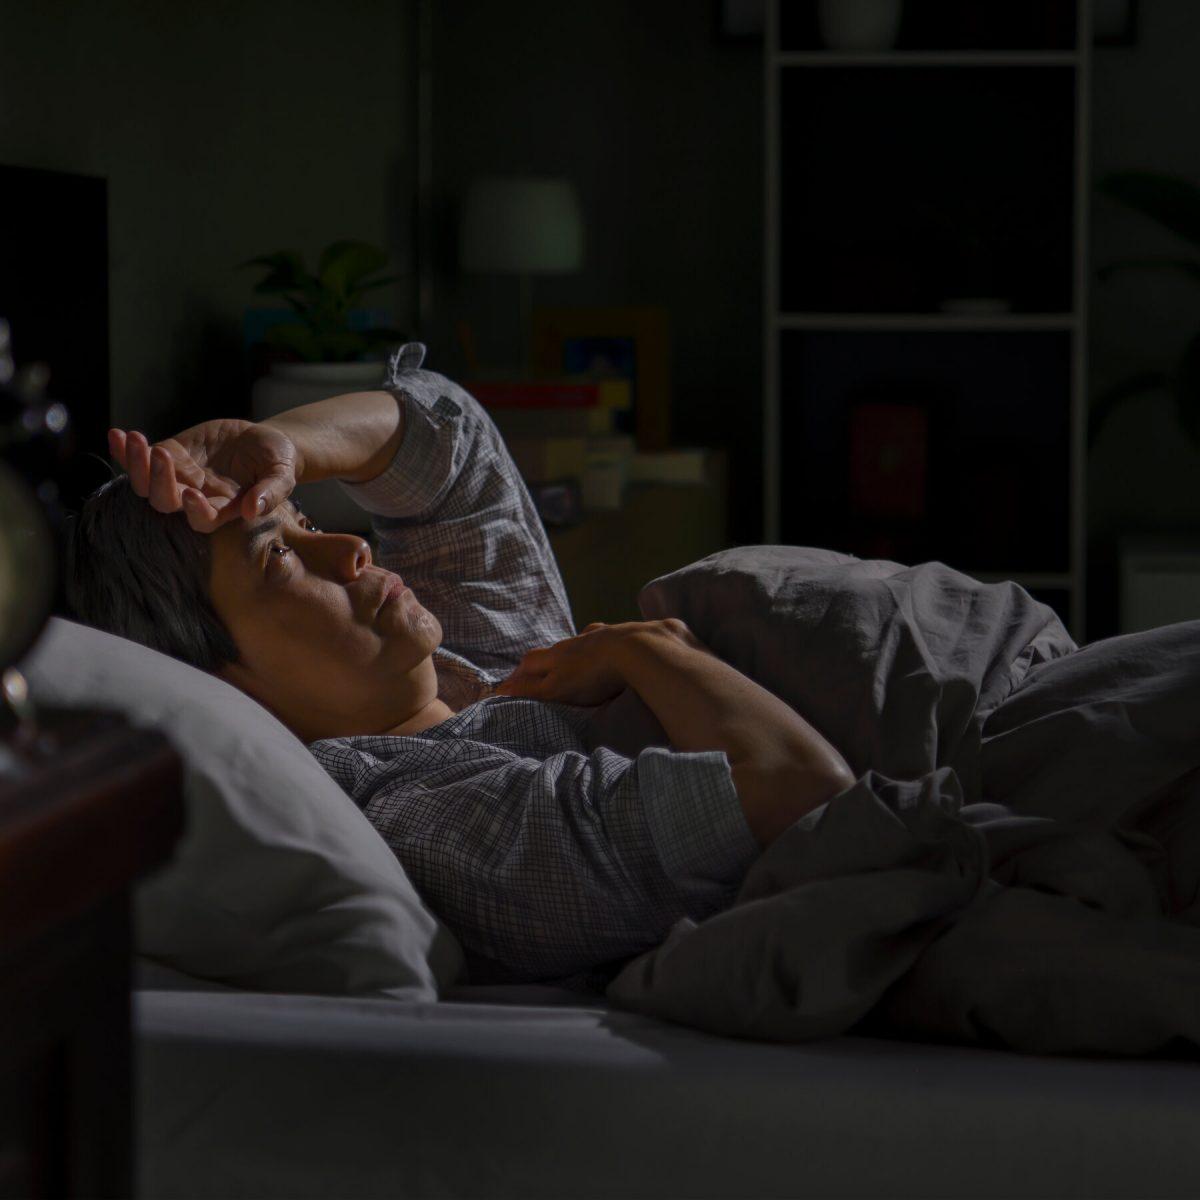 Почему люди ощущают тревогу и депрессию, если просыпаются среди ночи